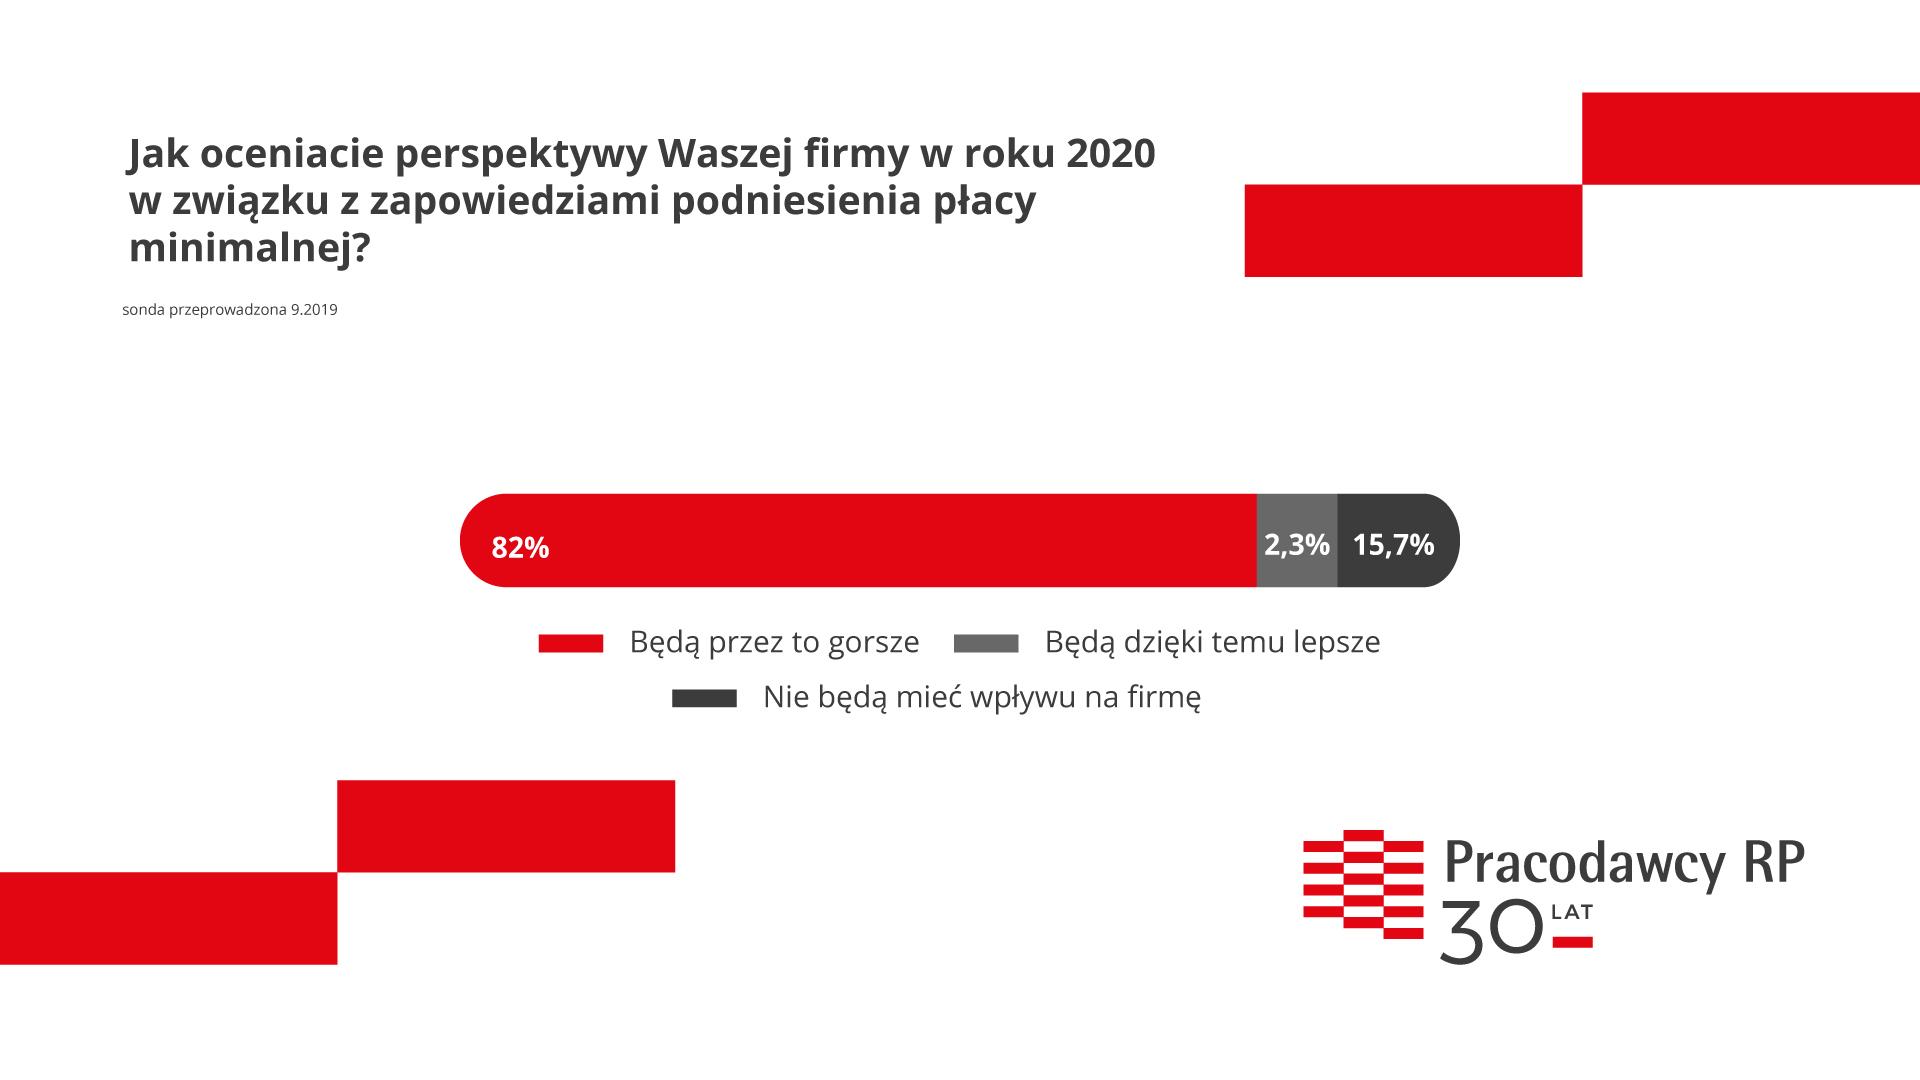 PracodawcyRP_sonda_placa-minimalna_2 v2